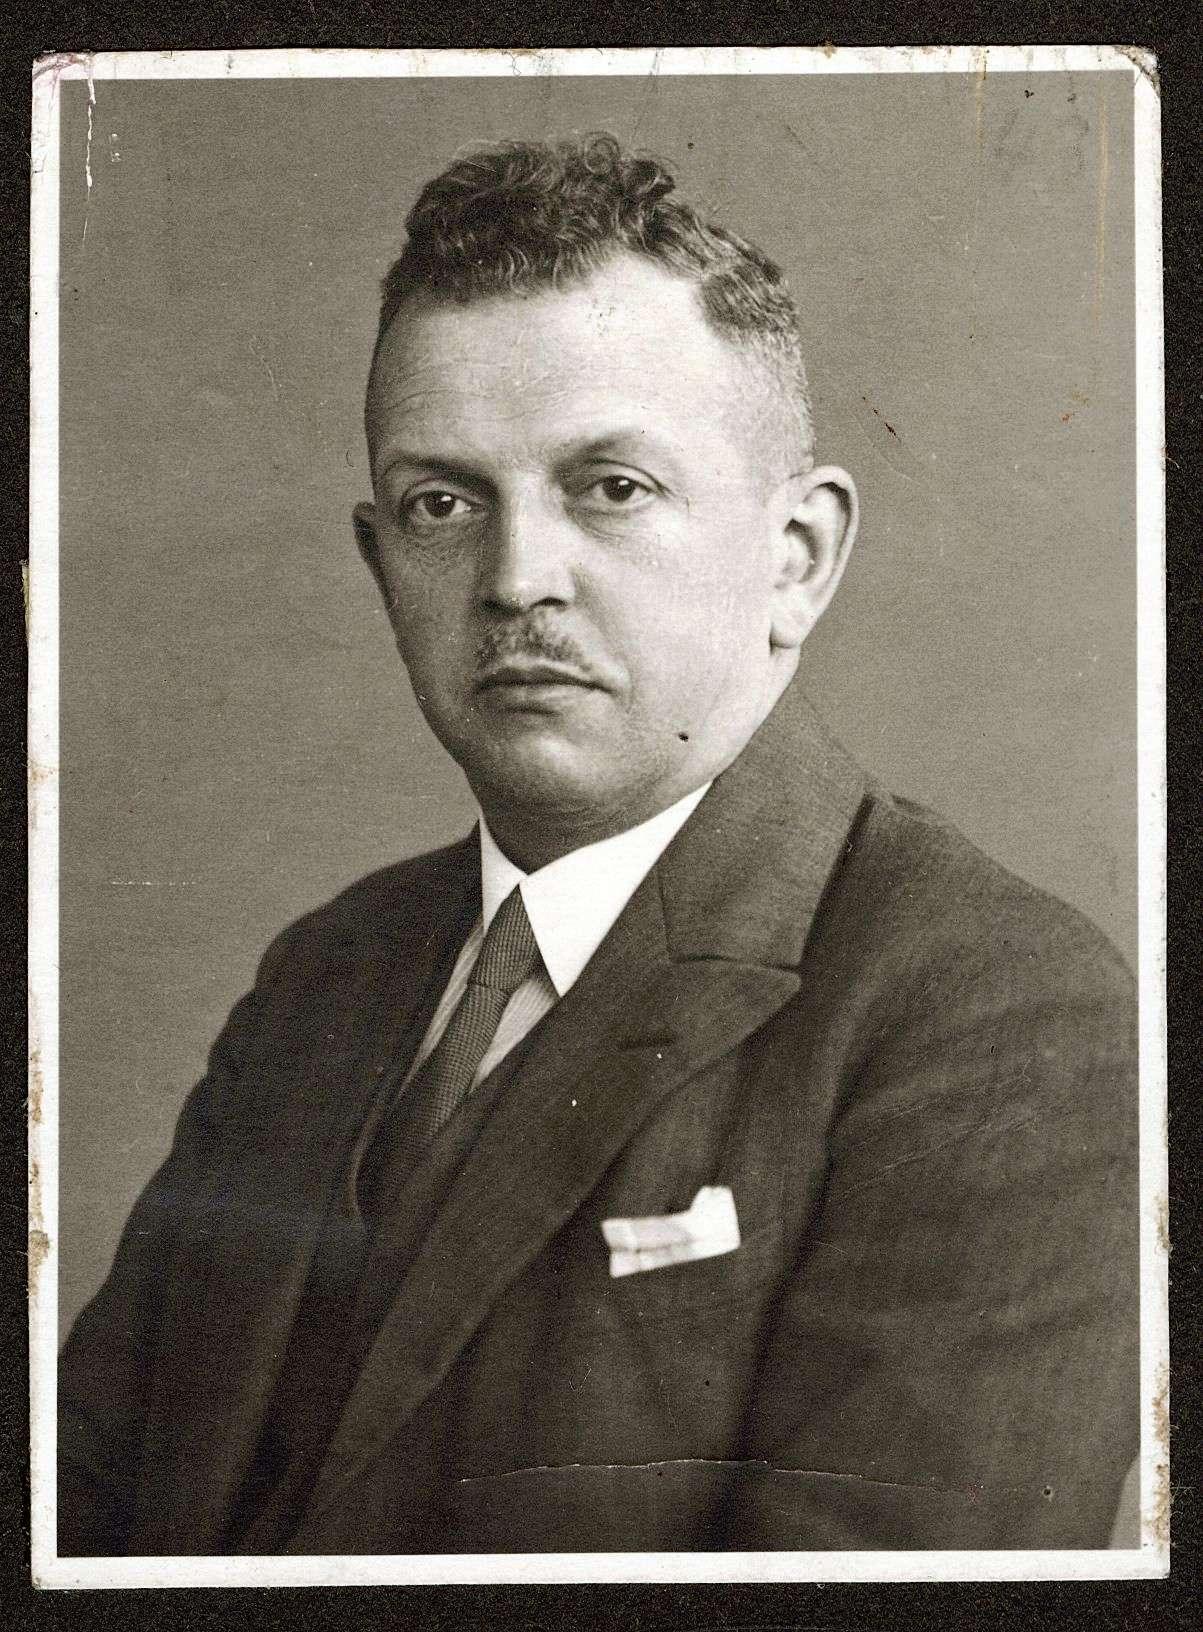 Limberger, Franz Karl, Dr., Bild 1